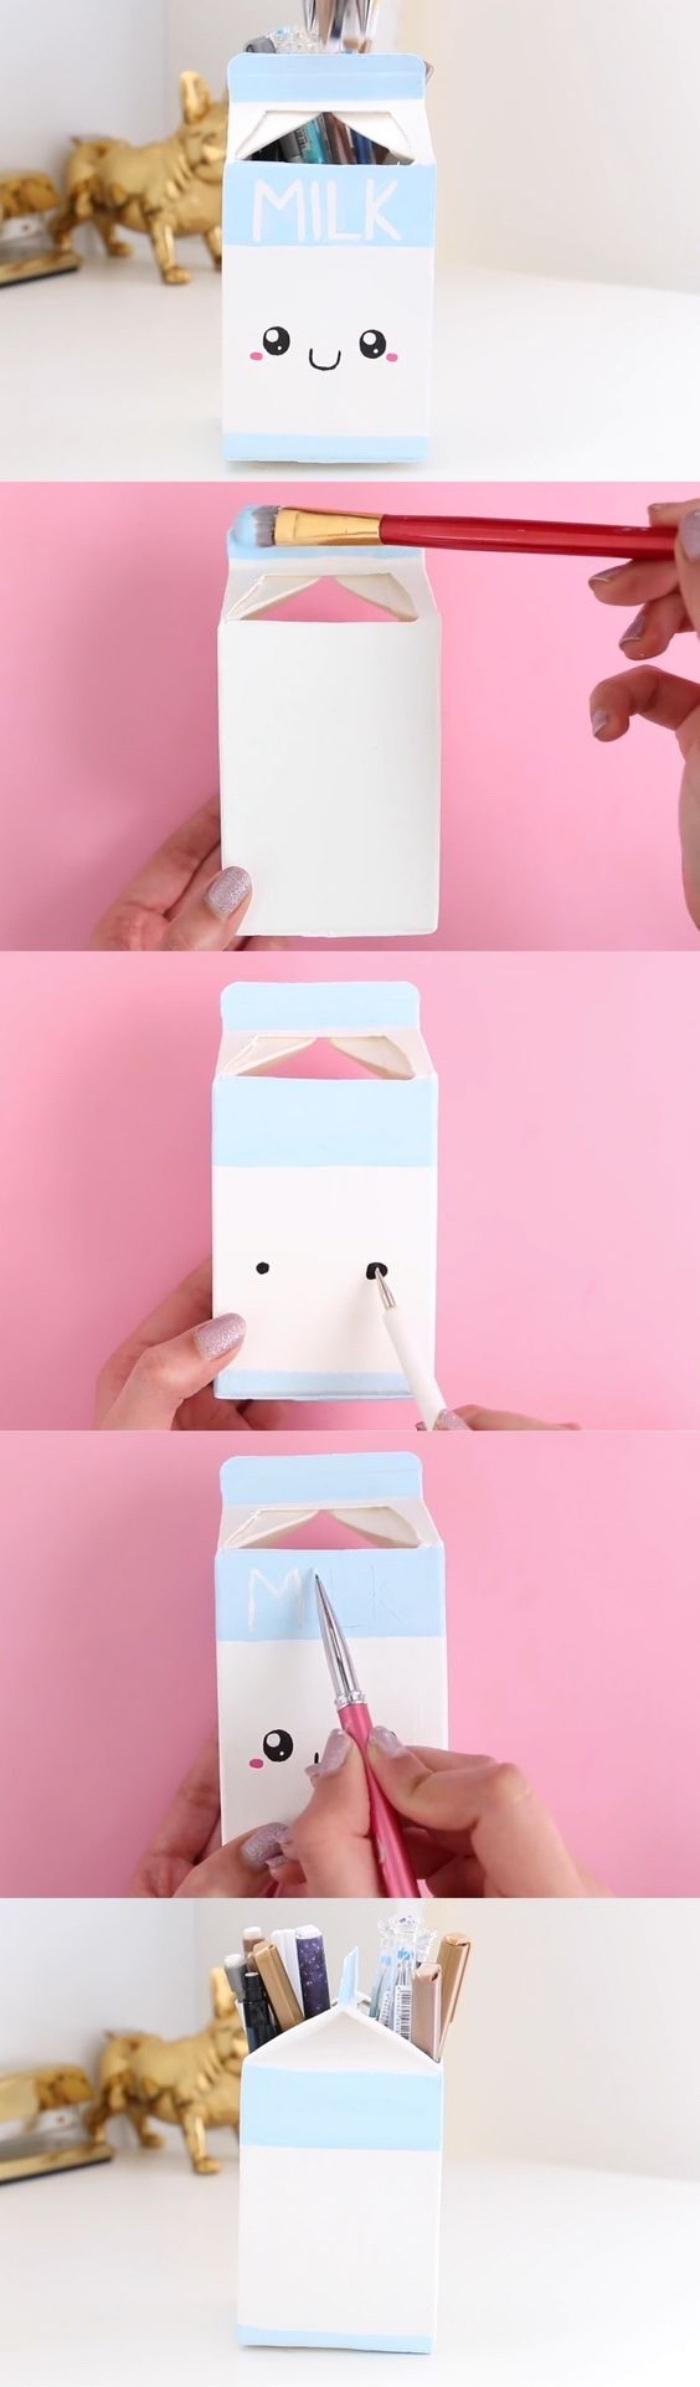 Basteltipps und Beispiele in Bildern, lustige Kasten Idee wie Milchdose mit Augen und netter Miene